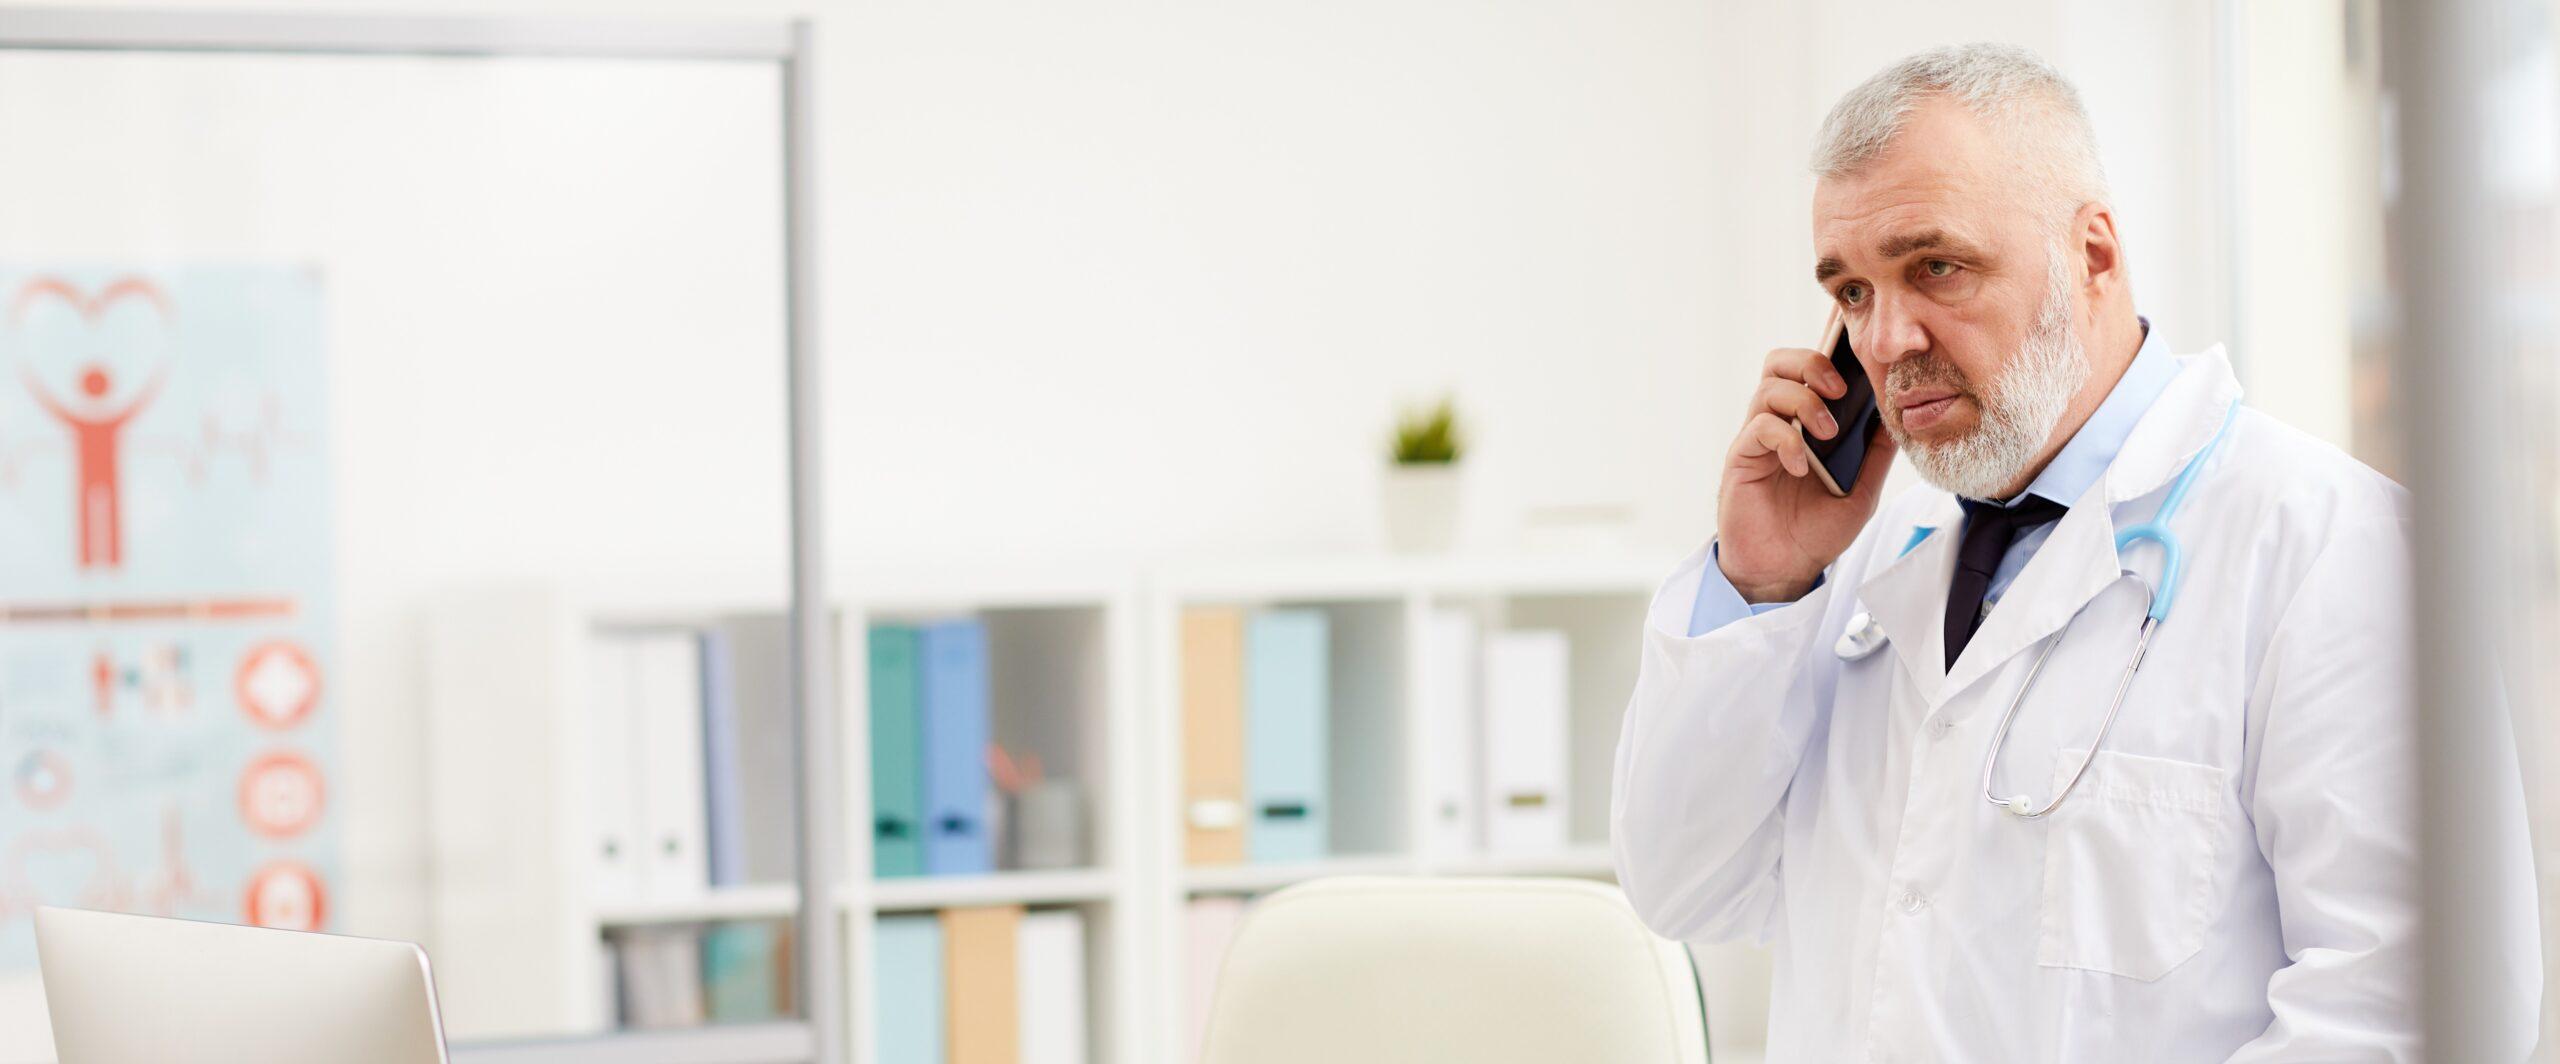 Styrelsen for Patientklager udtrykker kritik af lægevagten og hospital i forbindelse med chefredaktørs død.